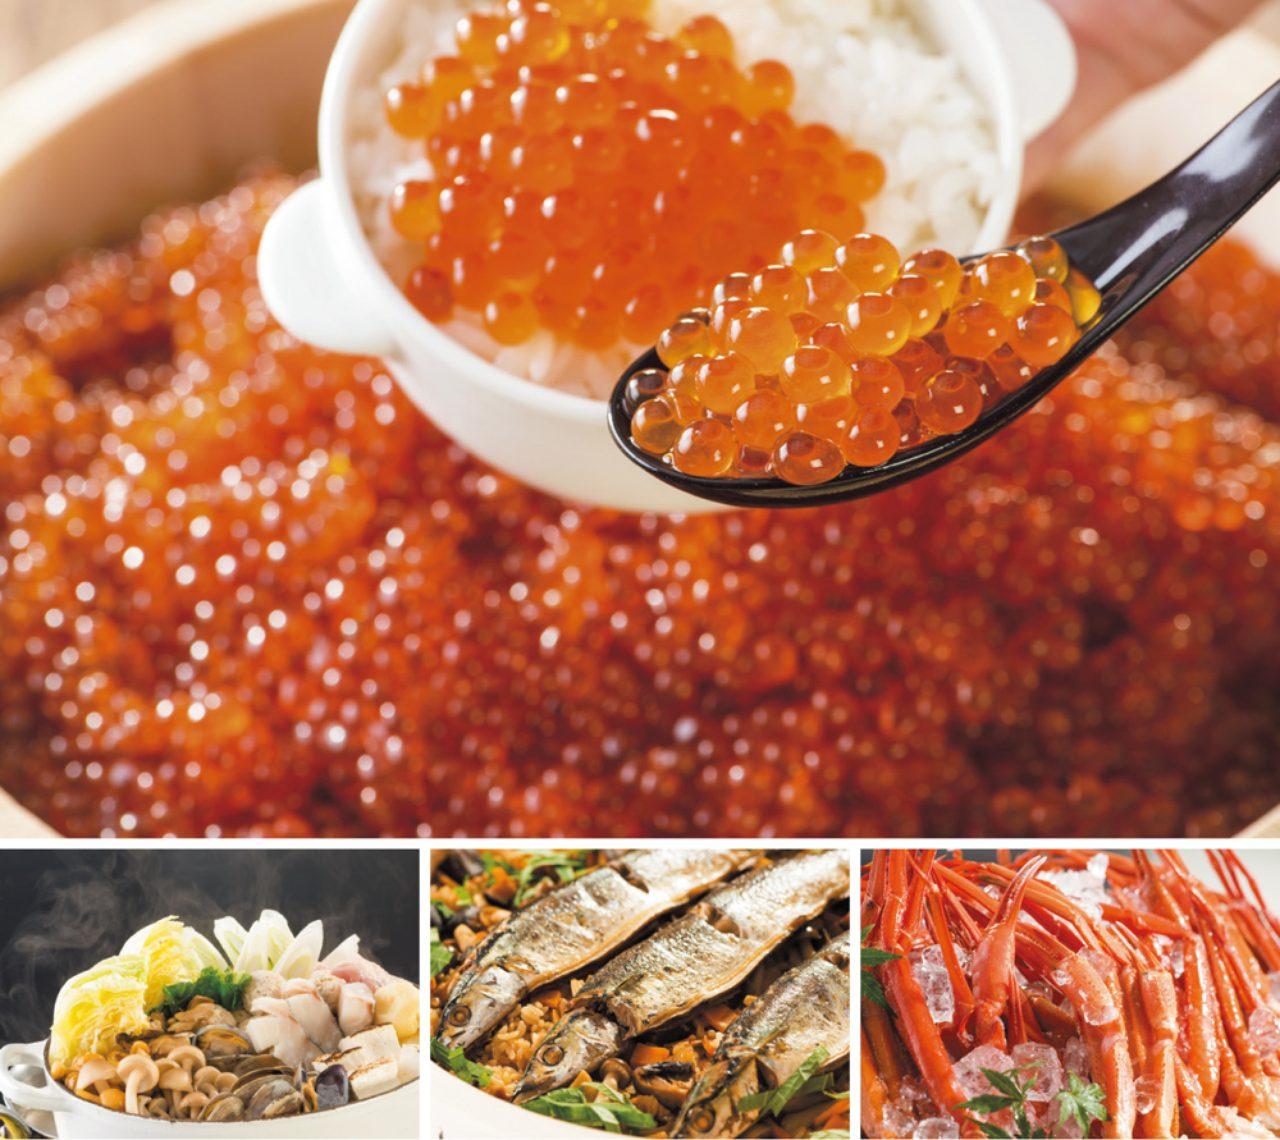 画像: 写真上:いくらかけ放題(ディナー)下左:北の鍋(ディナー)下中:北海道産秋刀魚のリラッサ風中華おこわ 下右:蟹大漁盛り